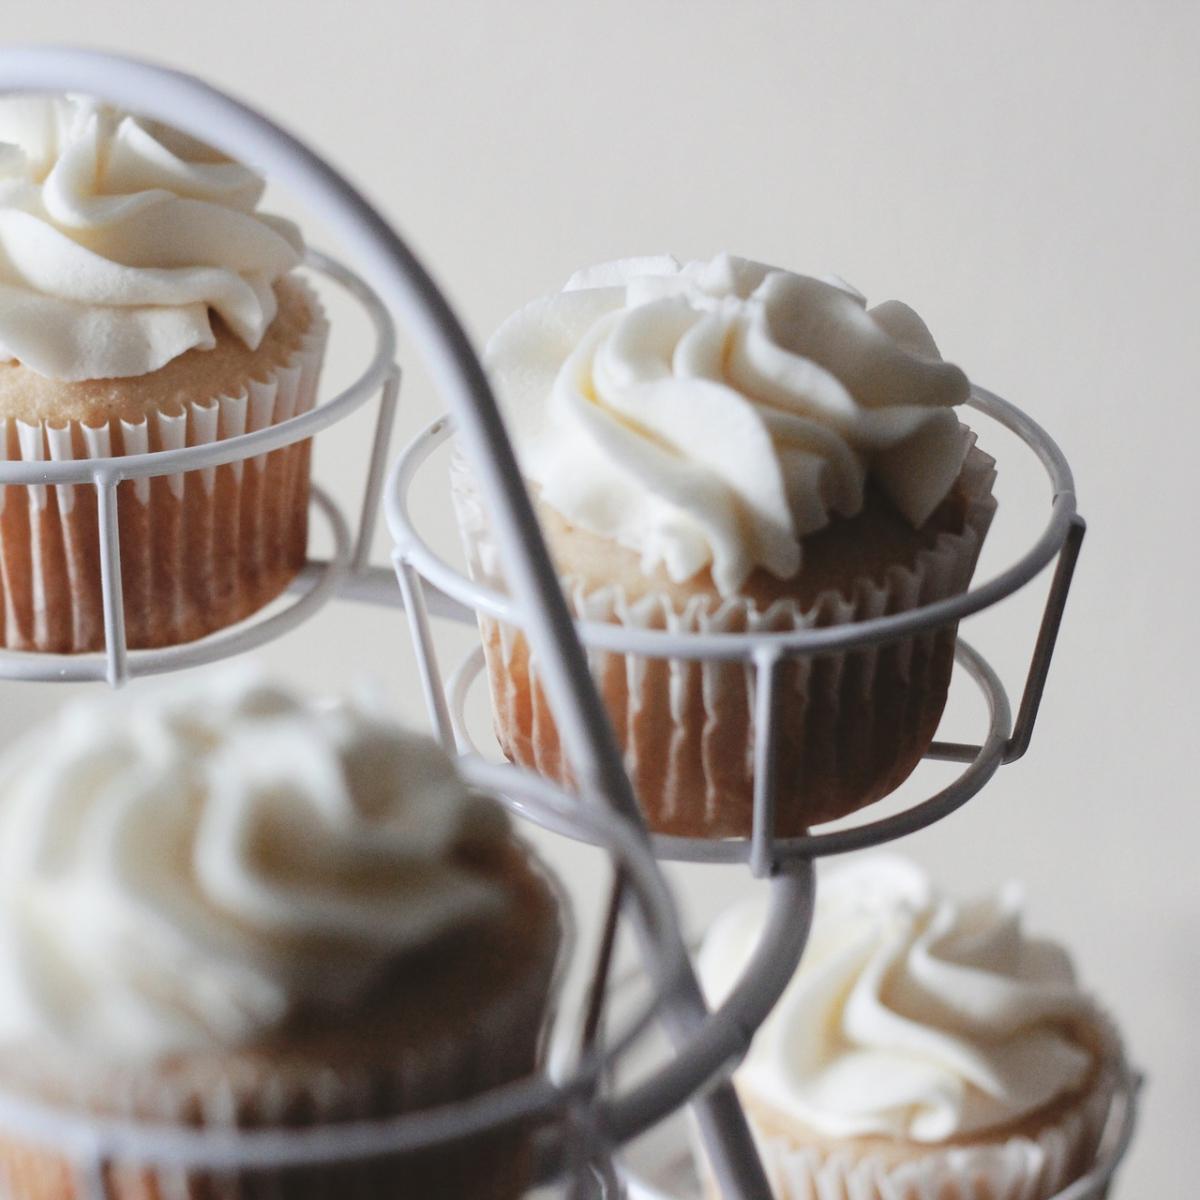 かわいい!カップケーキバスボムの作り方と材料